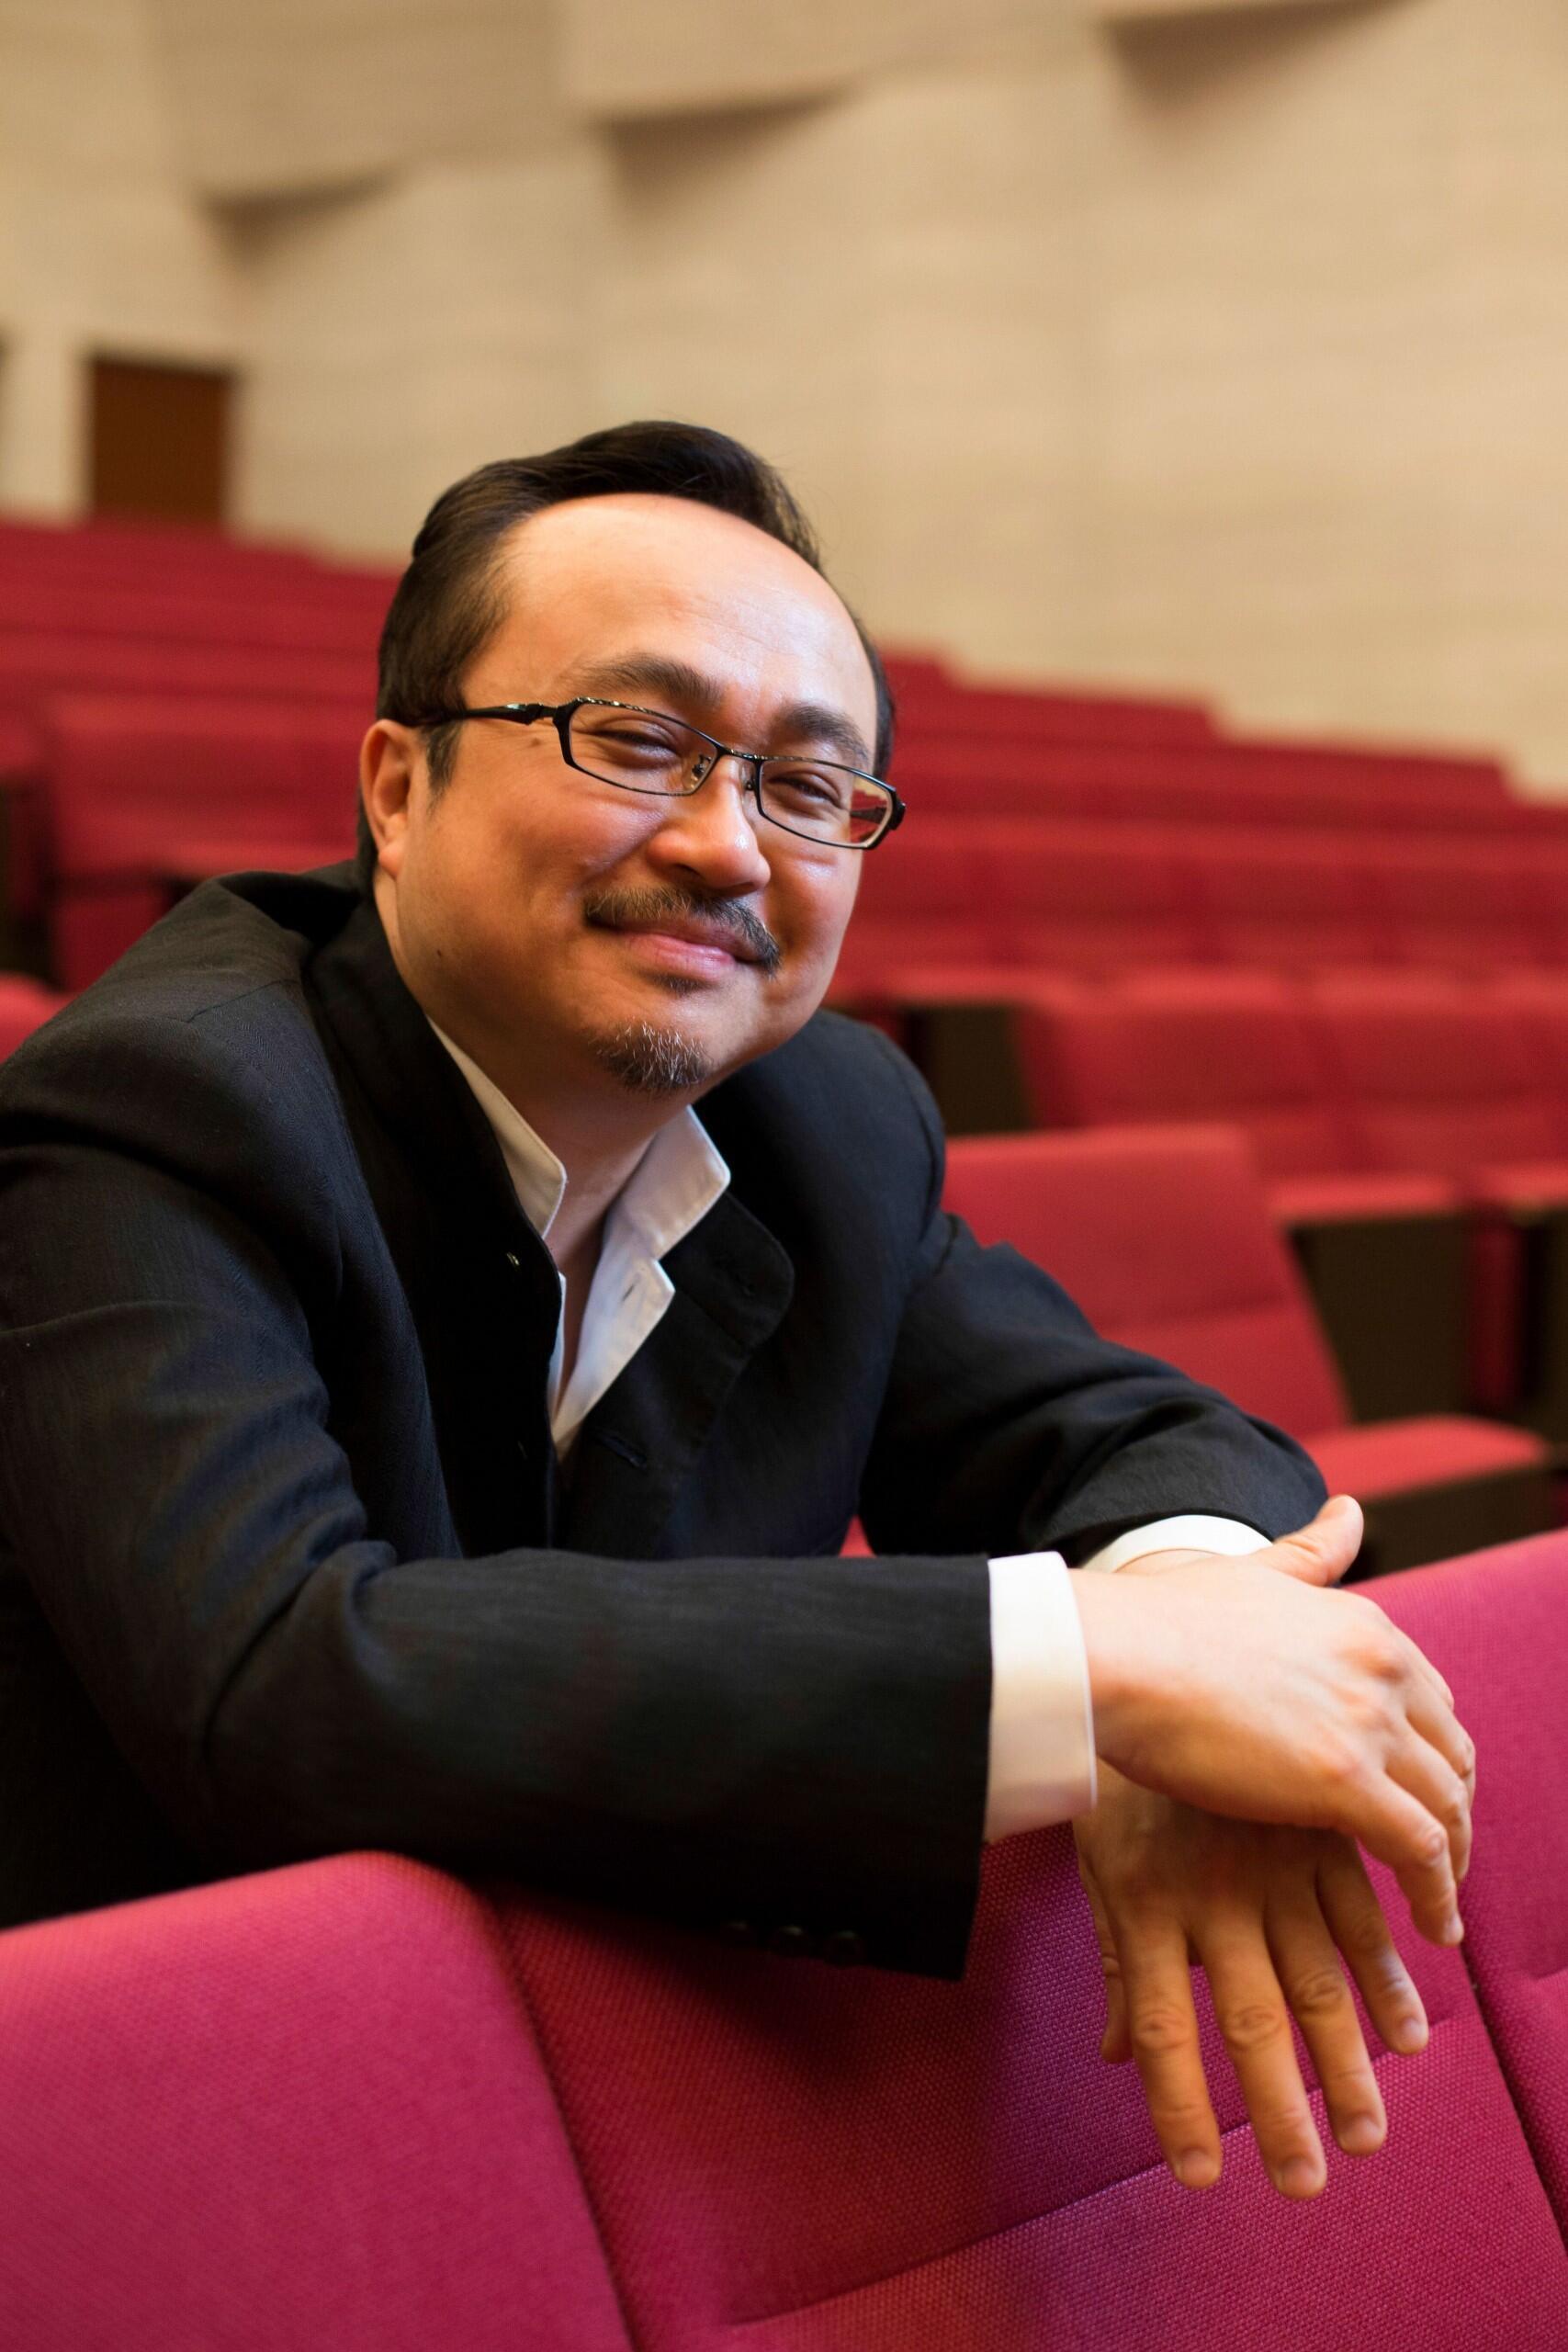 Nhạc sĩ Đặng Thái Sơn, giải Chopin 1980 và thành viên ban giám khảo 2015.